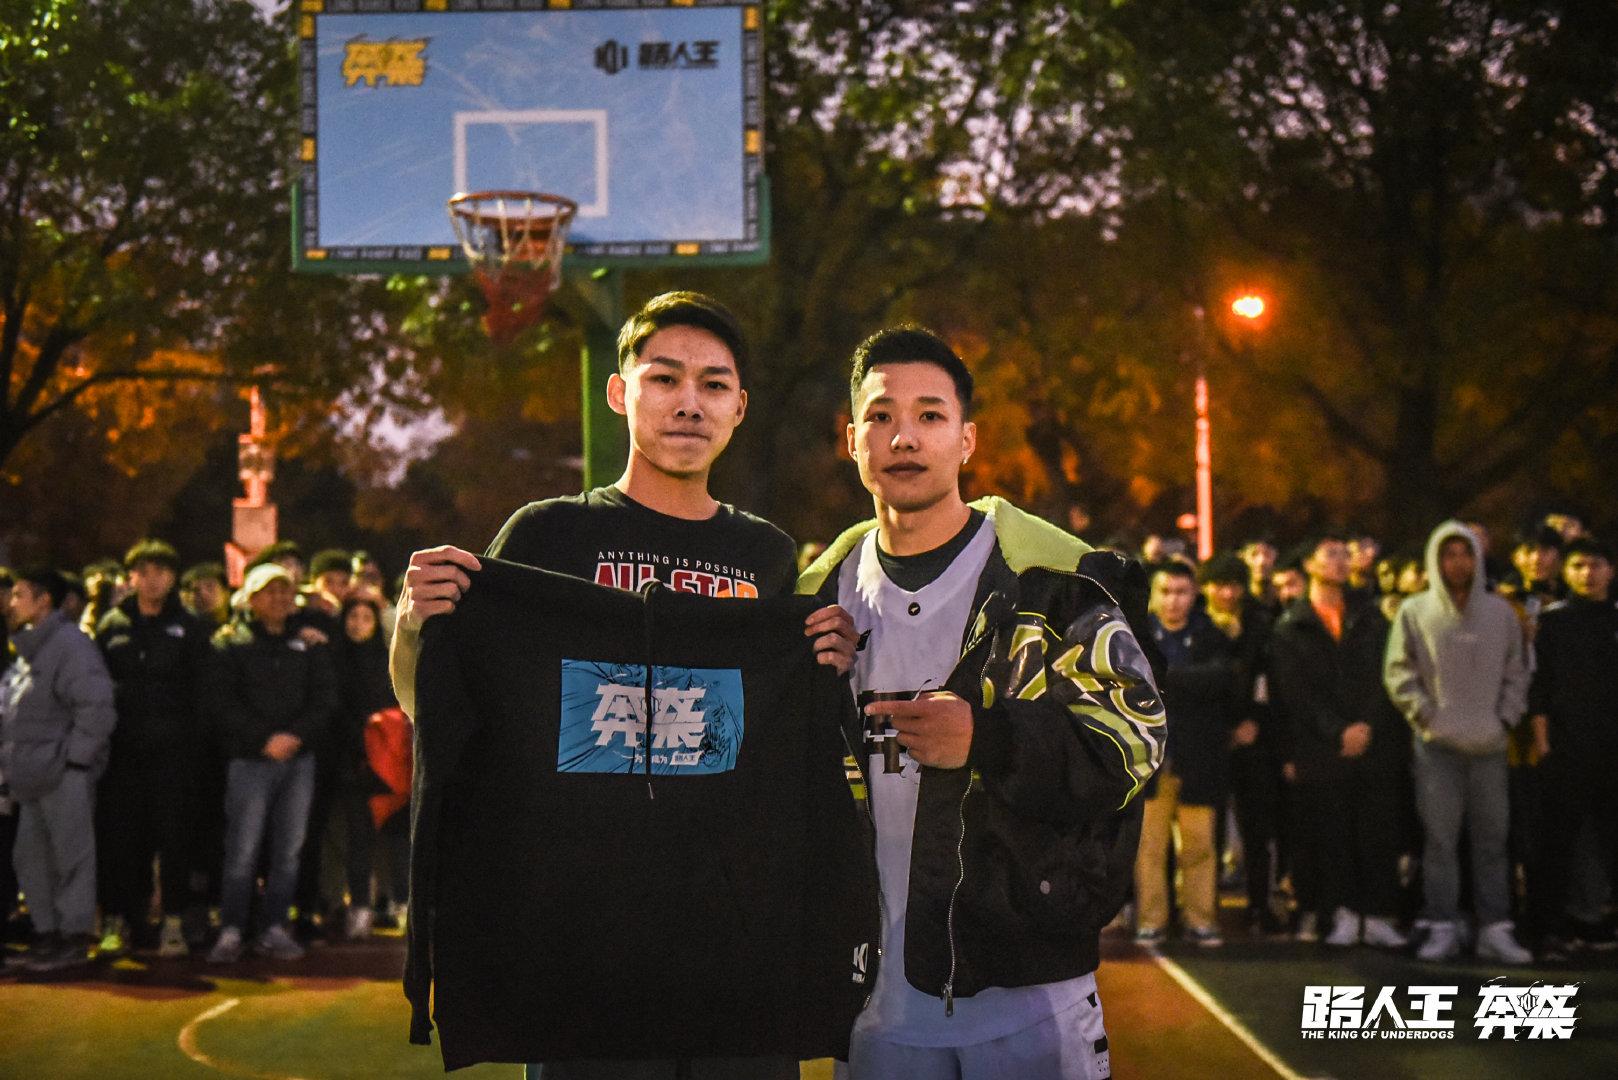 湖北经济学院站 | 城际对抗赛:武汉vs长沙,团战单挑赛!